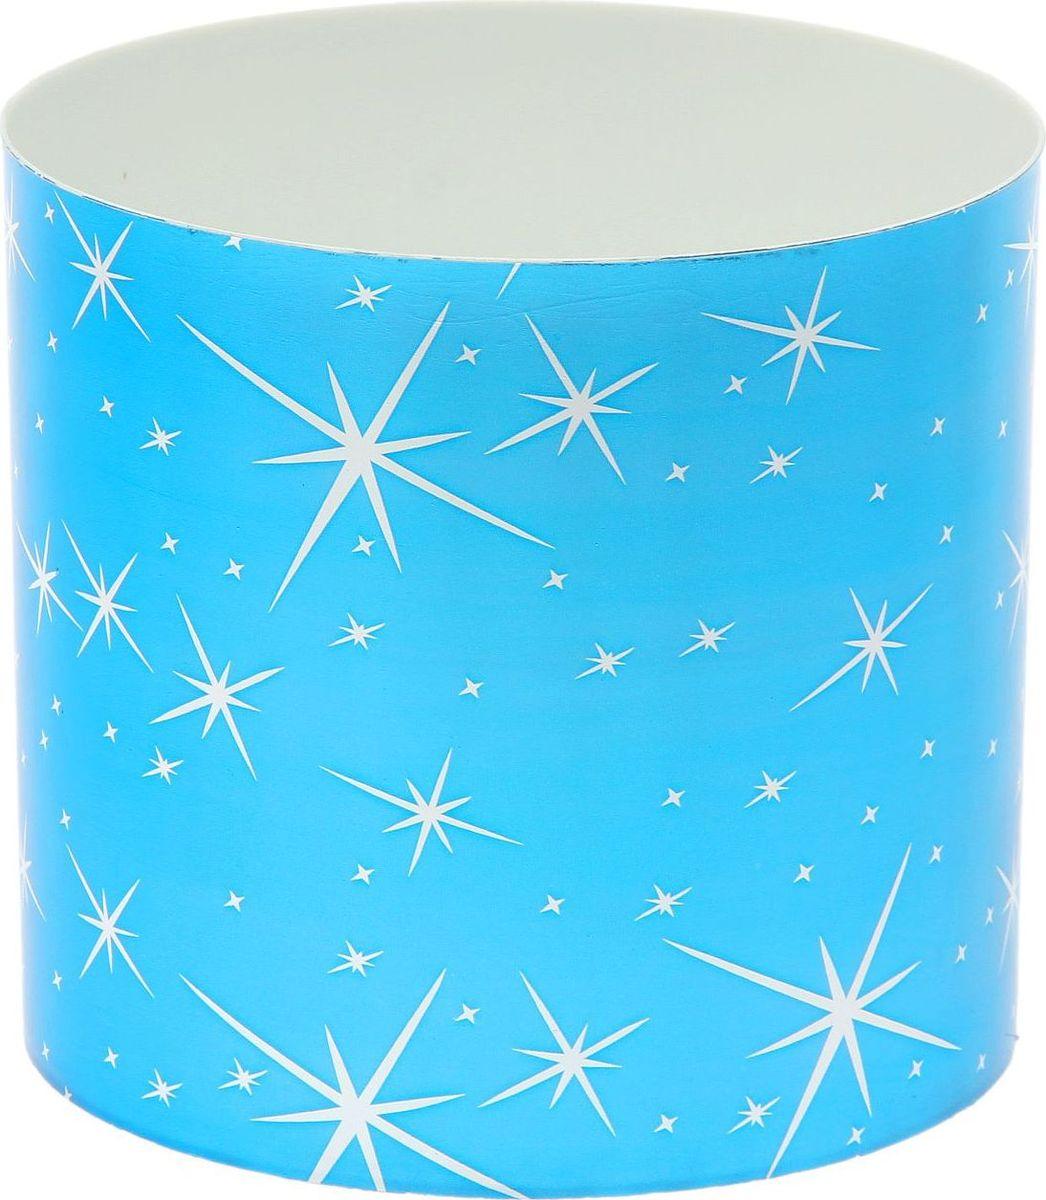 Горшок для цветов Simple Garden Звезды, со скрытым поддоном, цвет: голубой металлик, 2,8 л1915387Любой, даже самый современный и продуманный интерьер будет незавершённым без растений. Они не только очищают воздух и насыщают его кислородом, но и украшают окружающее пространство. Такому полезному члену семьи просто необходим красивый и функциональный дом! Мы предлагаем #name#! Оптимальный выбор материала — пластмасса! Почему мы так считаем?Малый вес. С лёгкостью переносите горшки и кашпо с места на место, ставьте их на столики или полки, не беспокоясь о нагрузке. Простота ухода. Кашпо не нуждается в специальных условиях хранения. Его легко чистить — достаточно просто сполоснуть тёплой водой. Никаких потёртостей. Такие кашпо не царапают и не загрязняют поверхности, на которых стоят. Пластик дольше хранит влагу, а значит, растение реже нуждается в поливе. Пластмасса не пропускает воздух — корневой системе растения не грозят резкие перепады температур. Огромный выбор форм, декора и расцветок — вы без труда найдёте что-то, что идеально впишется в уже существующий интерьер. Соблюдая нехитрые правила ухода, вы можете заметно продлить срок службы горшков и кашпо из пластика:всегда учитывайте размер кроны и корневой системы (при разрастании большое растение способно повредить маленький горшок)берегите изделие от воздействия прямых солнечных лучей, чтобы горшки не выцветалидержите кашпо из пластика подальше от нагревающихся поверхностей. Создавайте прекрасные цветочные композиции, выращивайте рассаду или необычные растения.